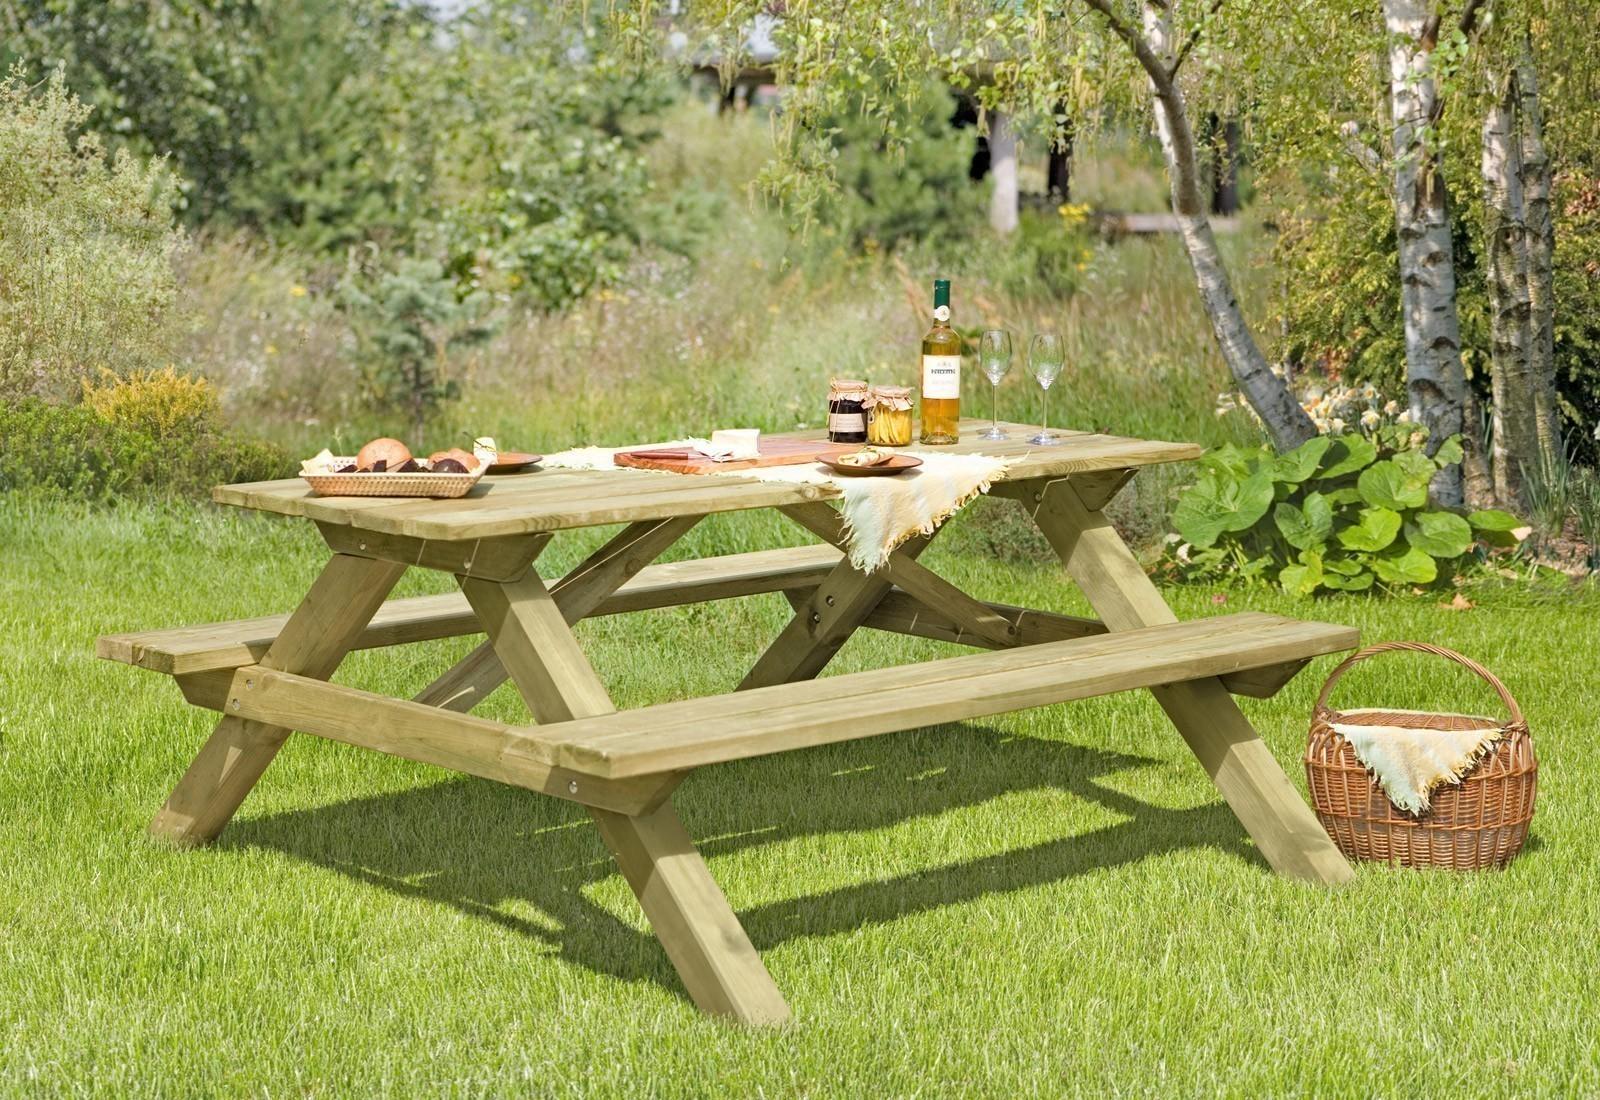 picknicktisch sitzgarnitur holz massiv 180x140x75cm bei. Black Bedroom Furniture Sets. Home Design Ideas